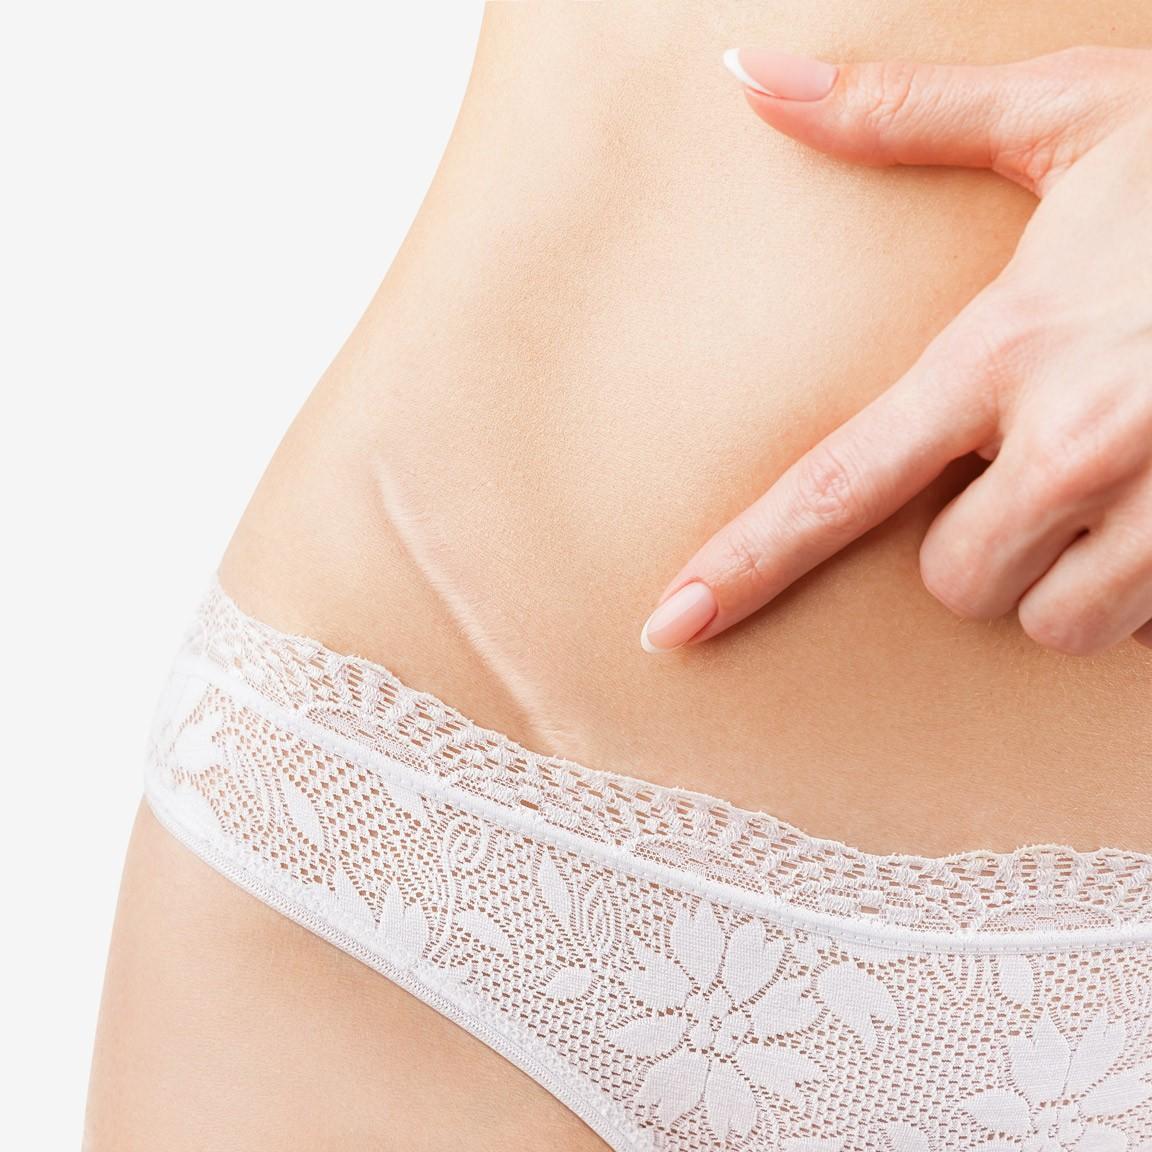 Hautkrebs und Hautveränderung behandeln